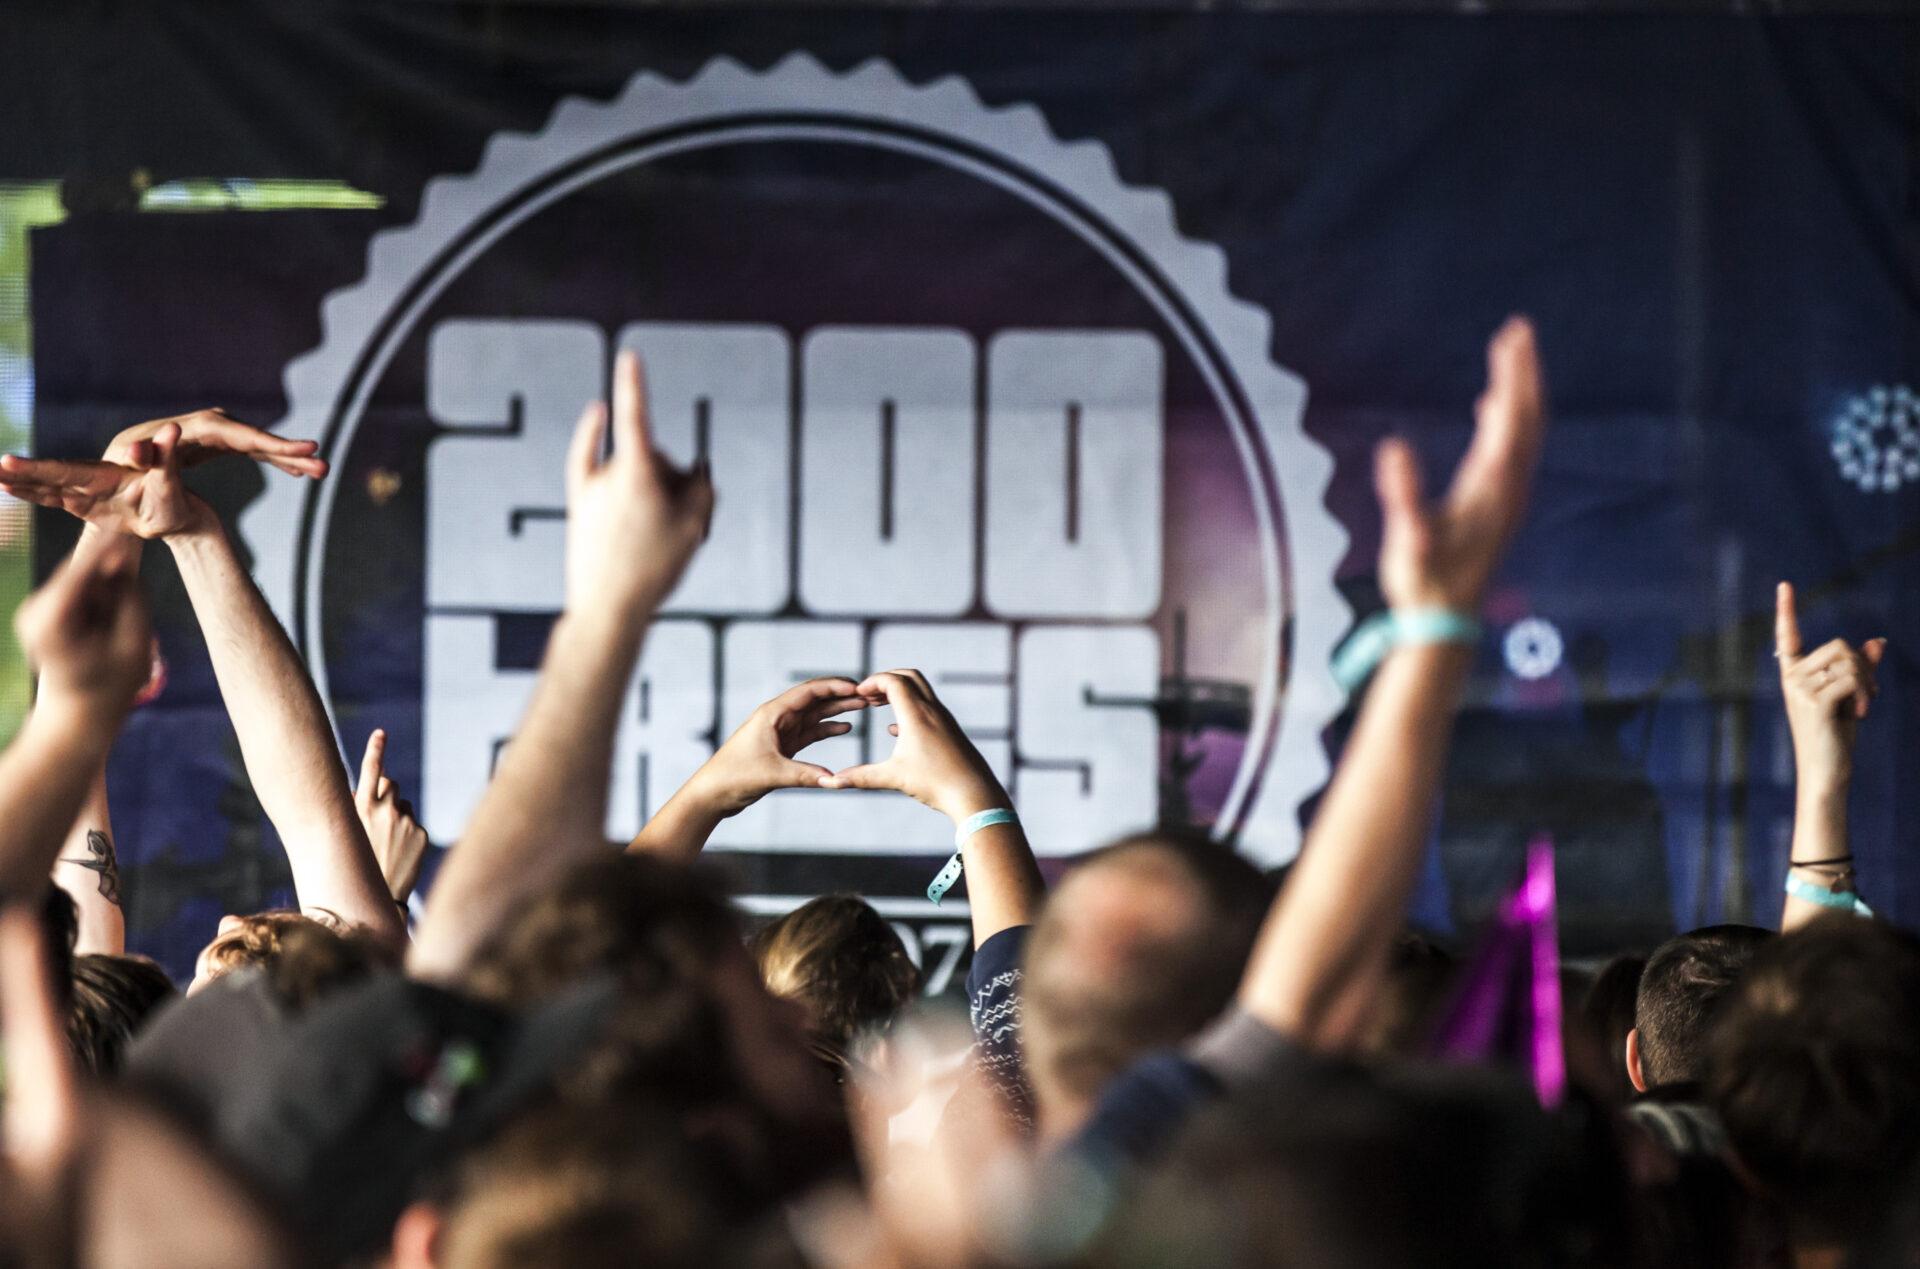 PREVIEW: 2000 Trees festival, Cheltenham, 6-8 July 2017